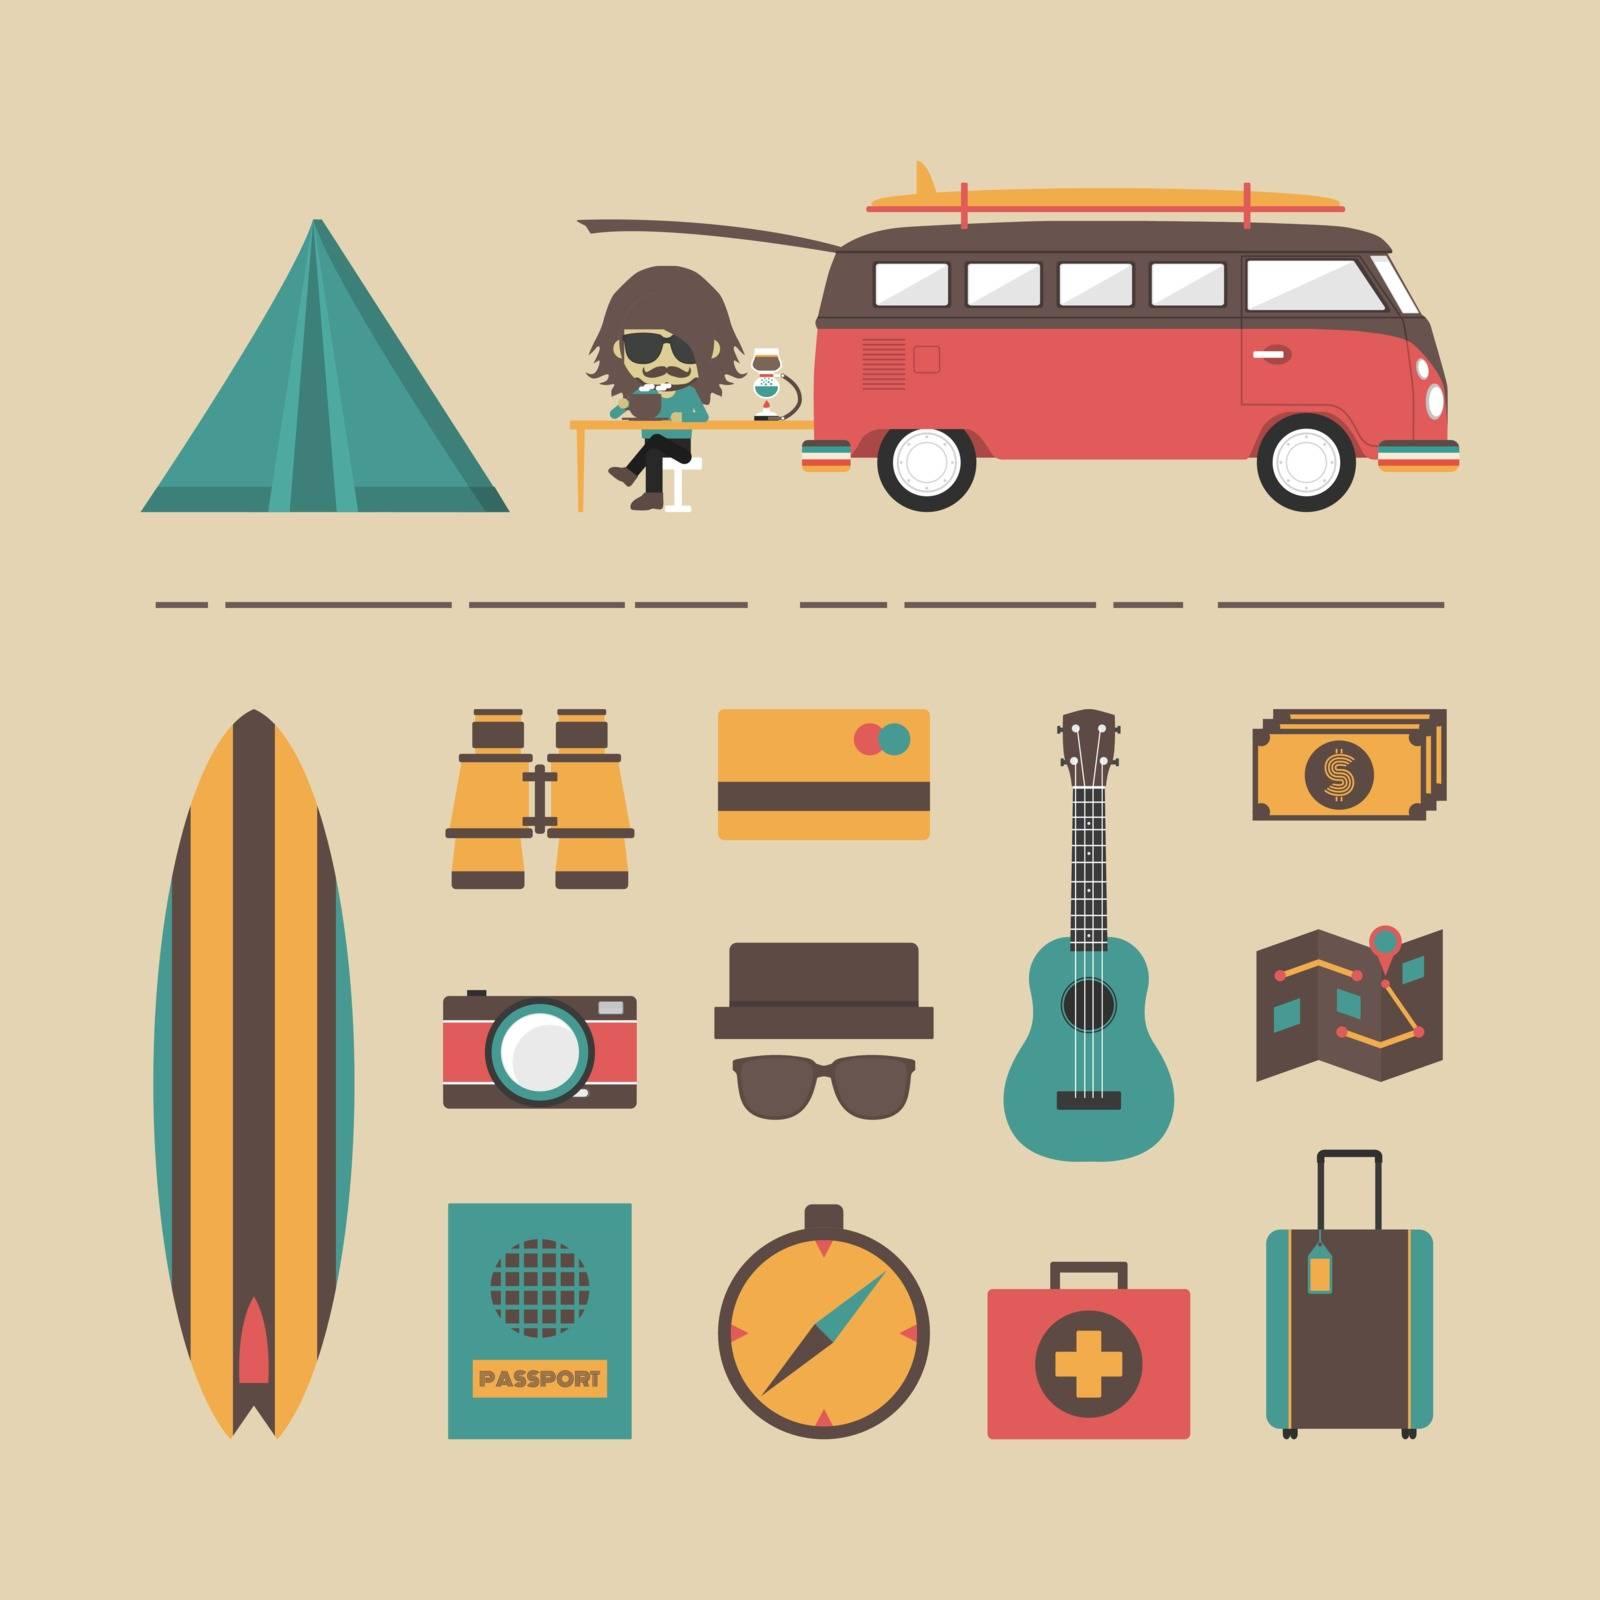 classic van with equipment icon set, retro style